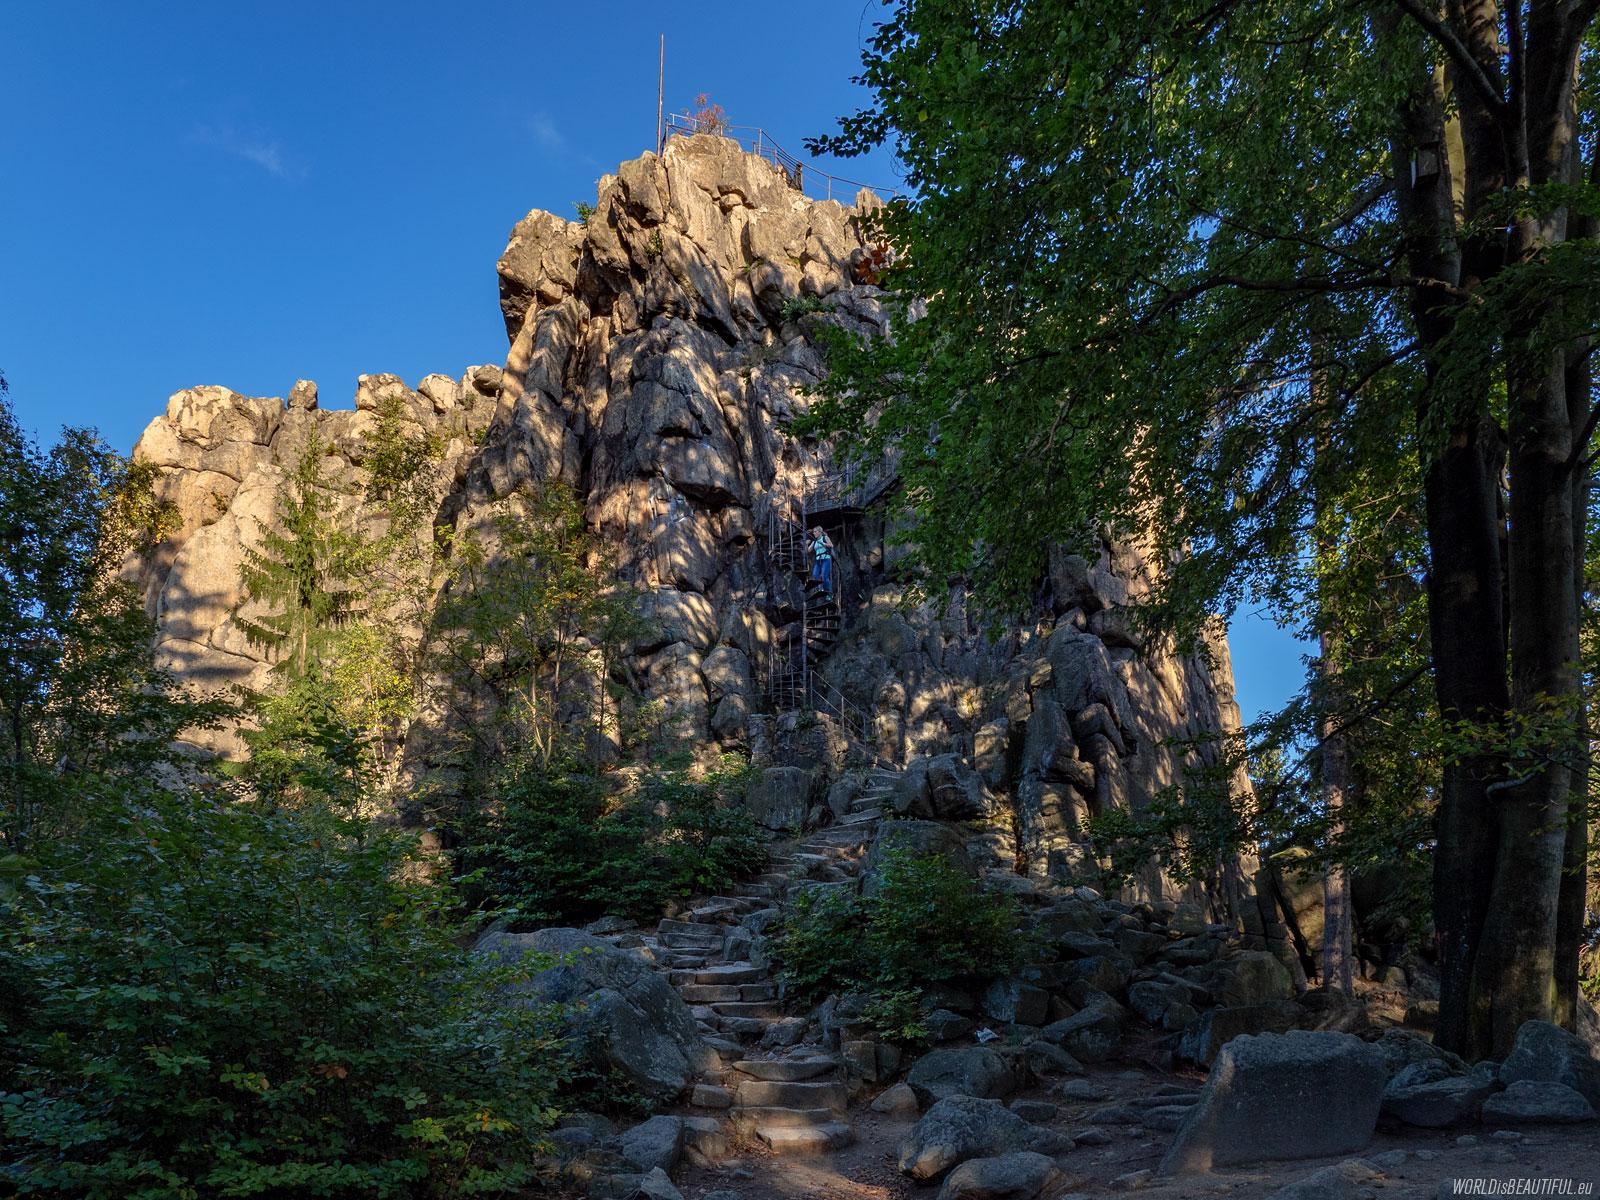 Wspinaczka w Górach Sokolich